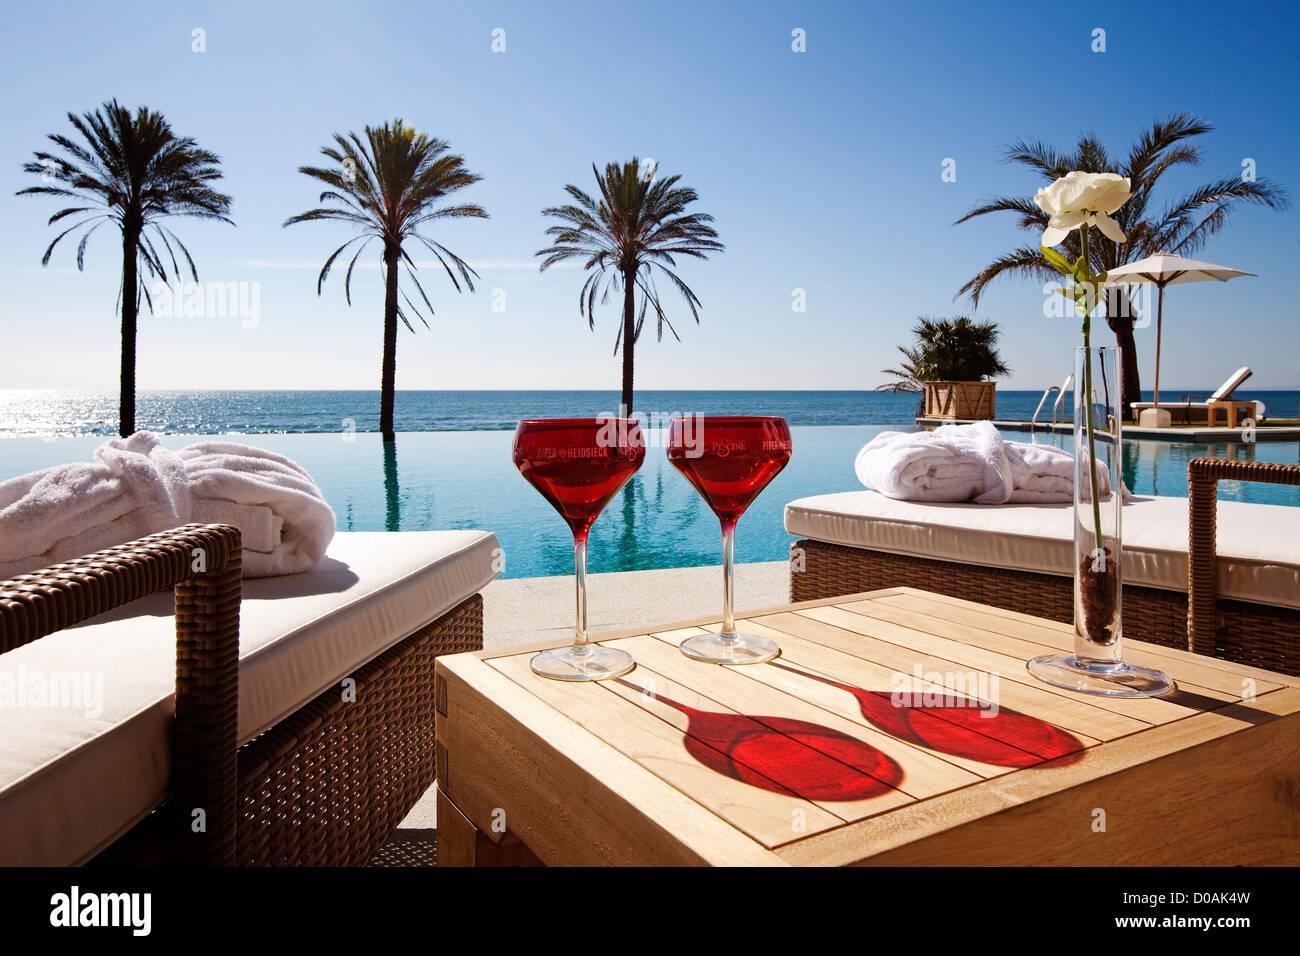 Beach Club hotel Vincci Estrella del Mar Marbella Malaga Andalusia Spain - Stock Image